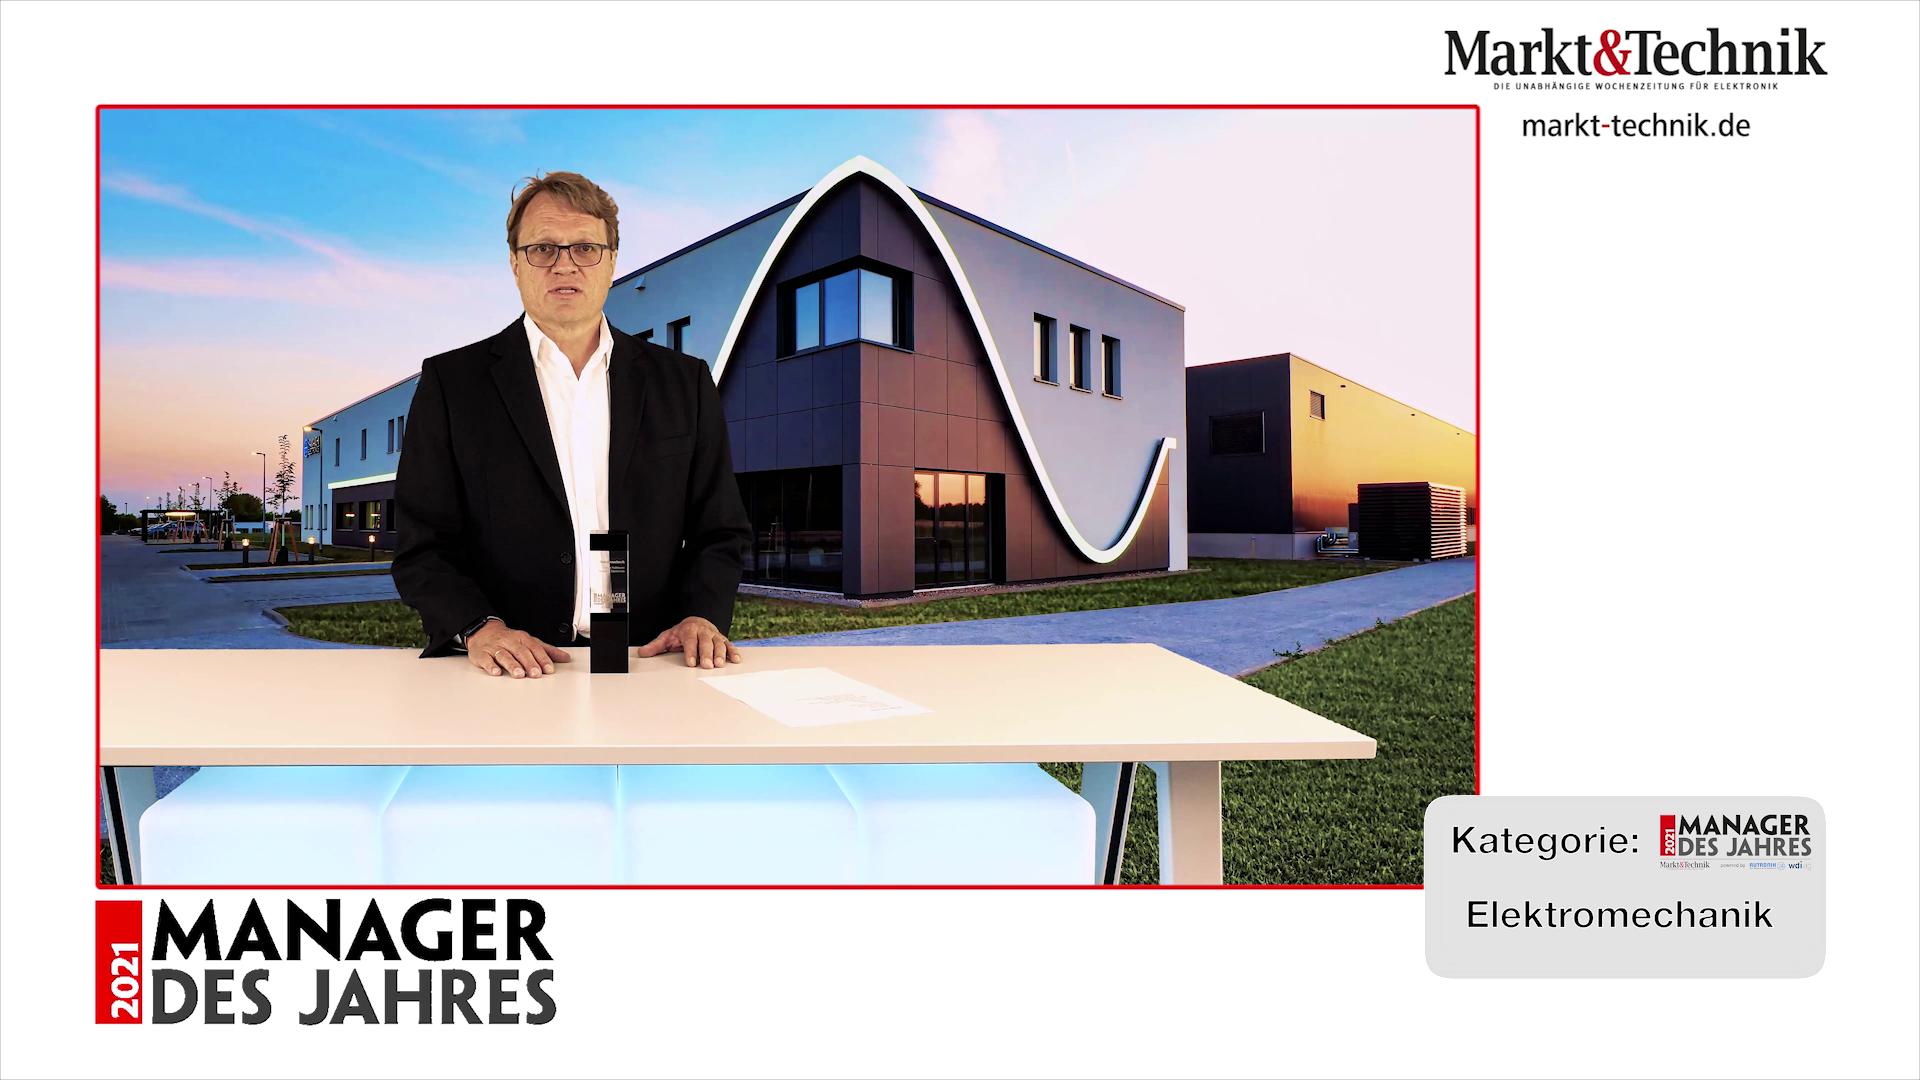 »Manager des Jahres 2021«: Helge Puhlmann